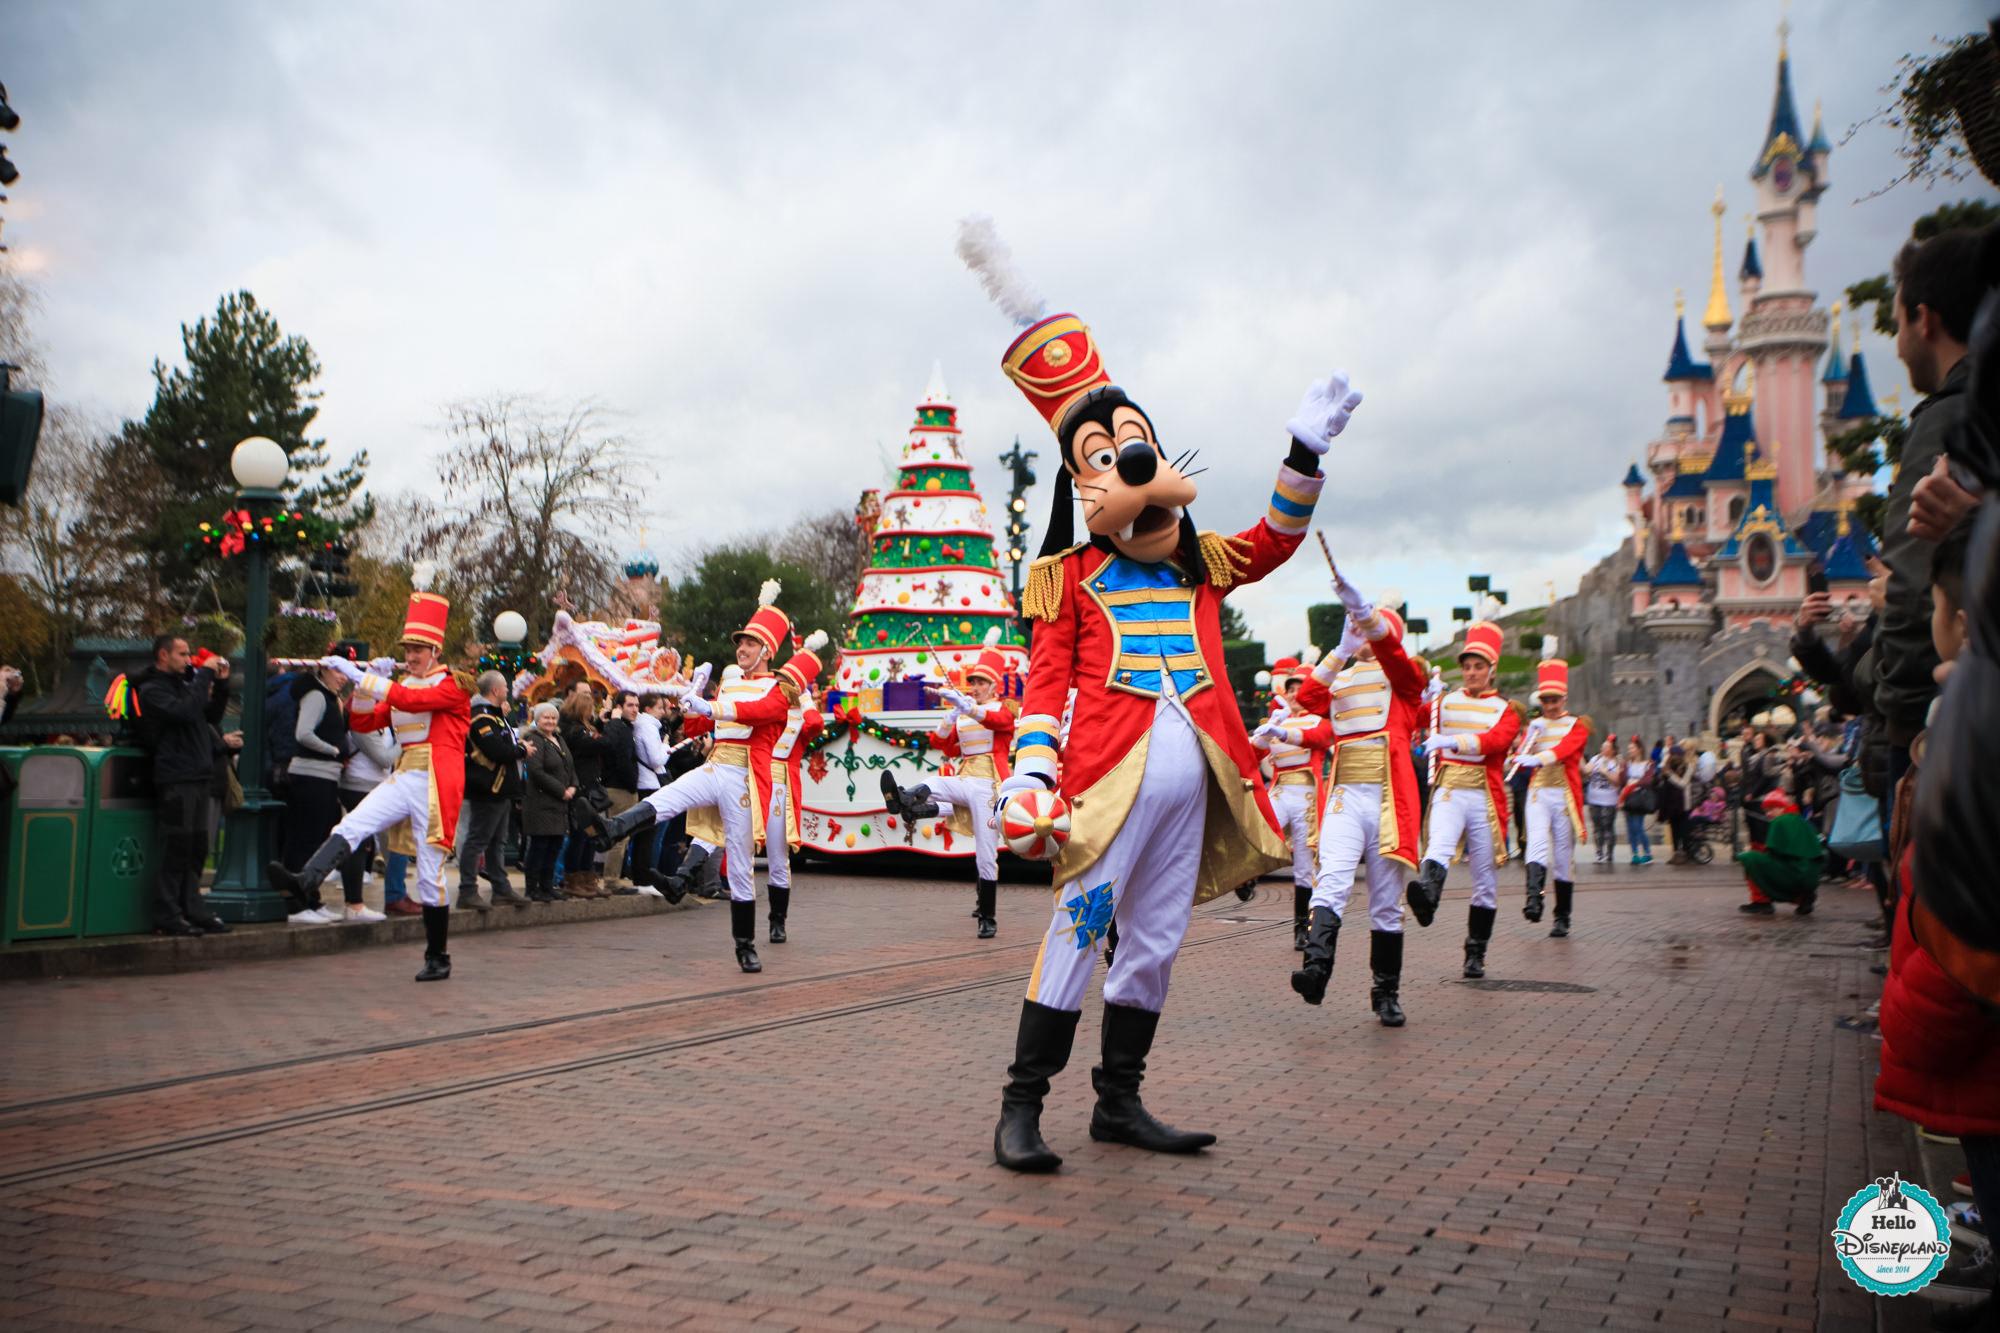 Hello disneyland le blog n 1 sur disneyland paris no l 2017 disneyland paris toutes les - Disneyland paris noel 2017 ...